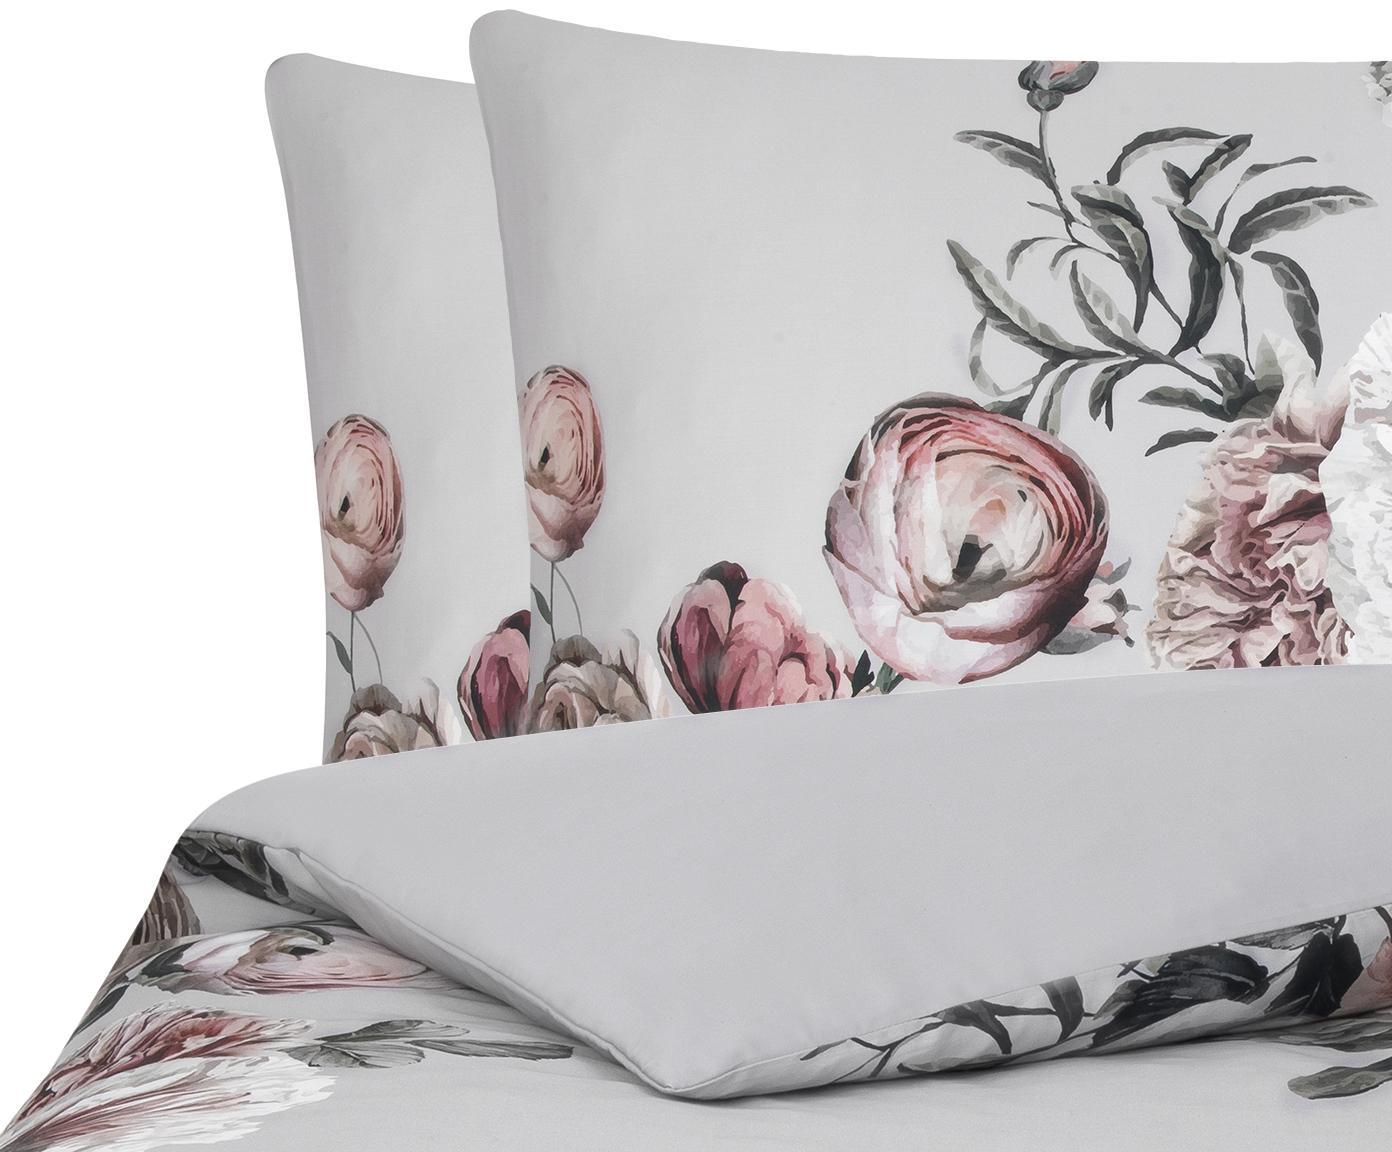 Baumwollsatin-Bettwäsche Blossom mit Blumen-Print, Webart: Satin Fadendichte 210 TC,, Mehrfarbig, Grau, 240 x 220 cm + 2 Kissen 80 x 80 cm